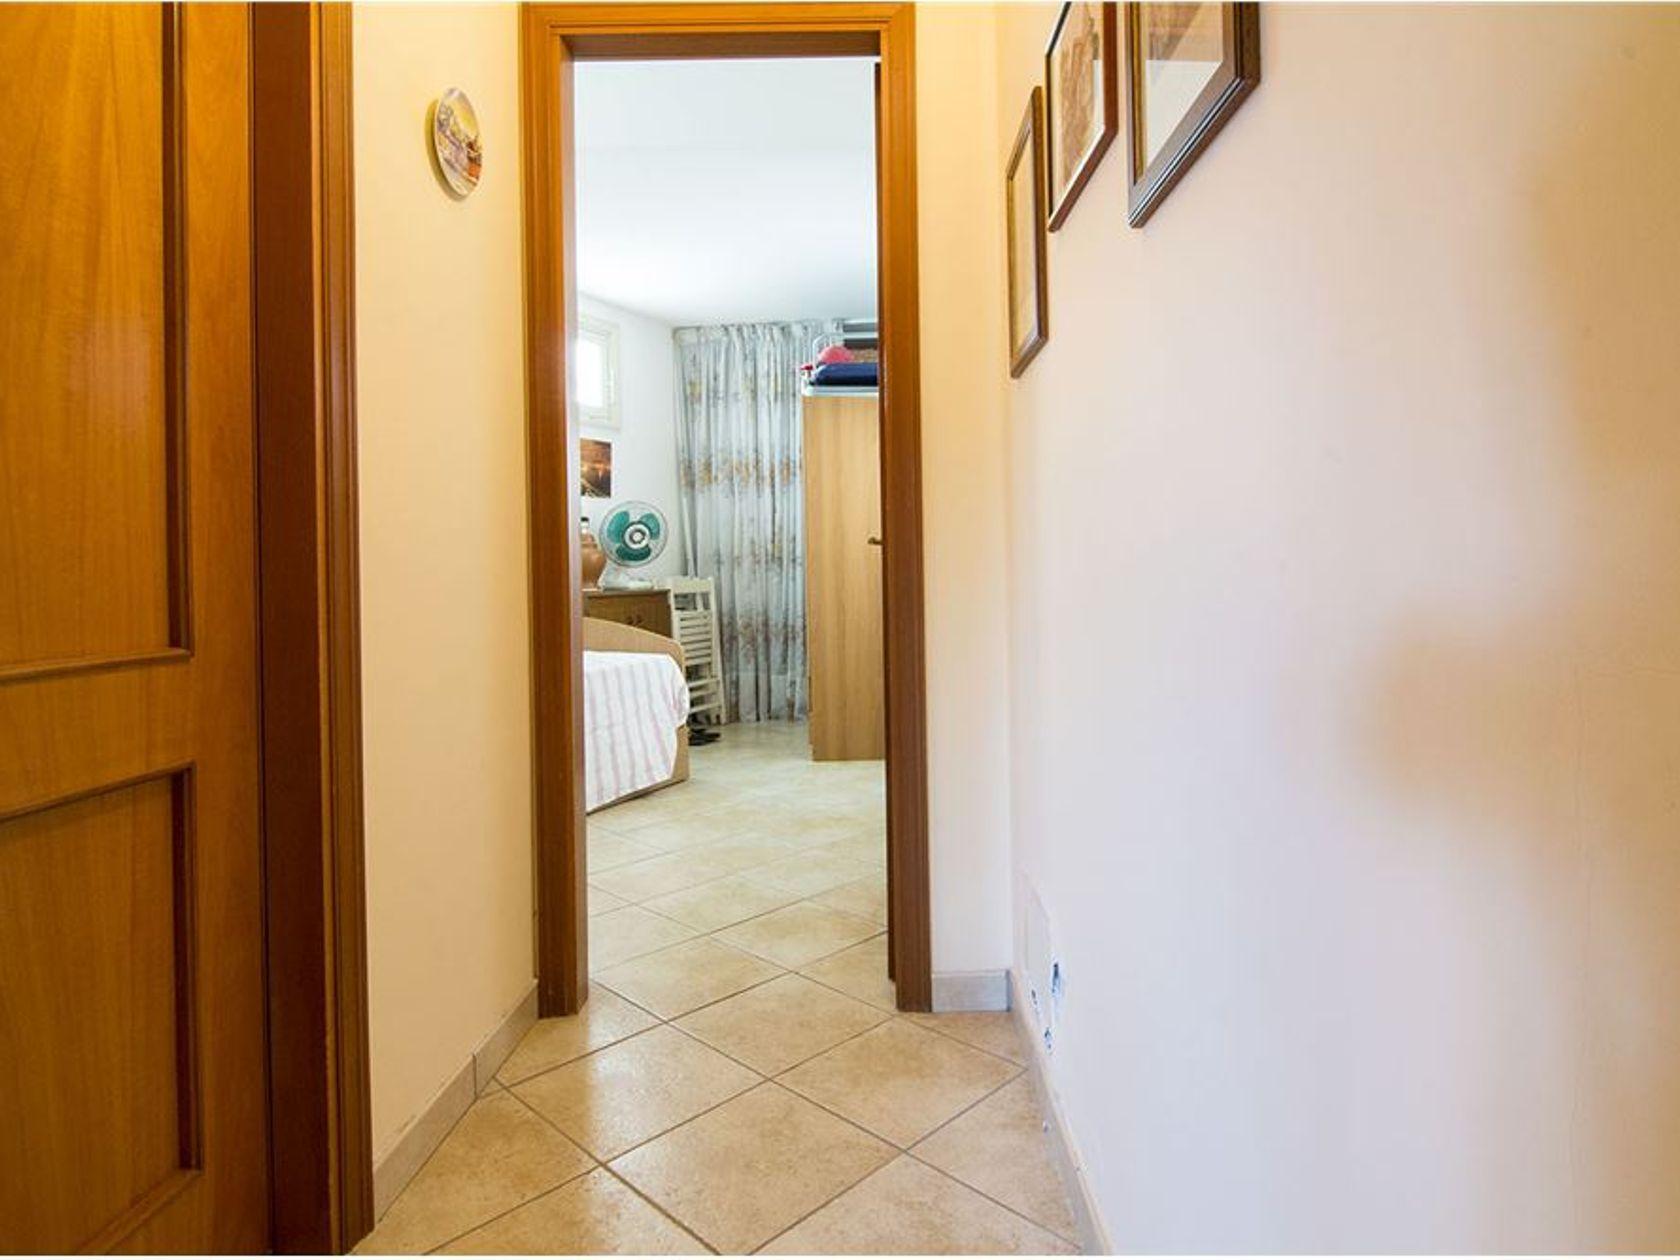 Appartamento Catania-vaccarizzo,agnone, Catania, CT Vendita - Foto 12